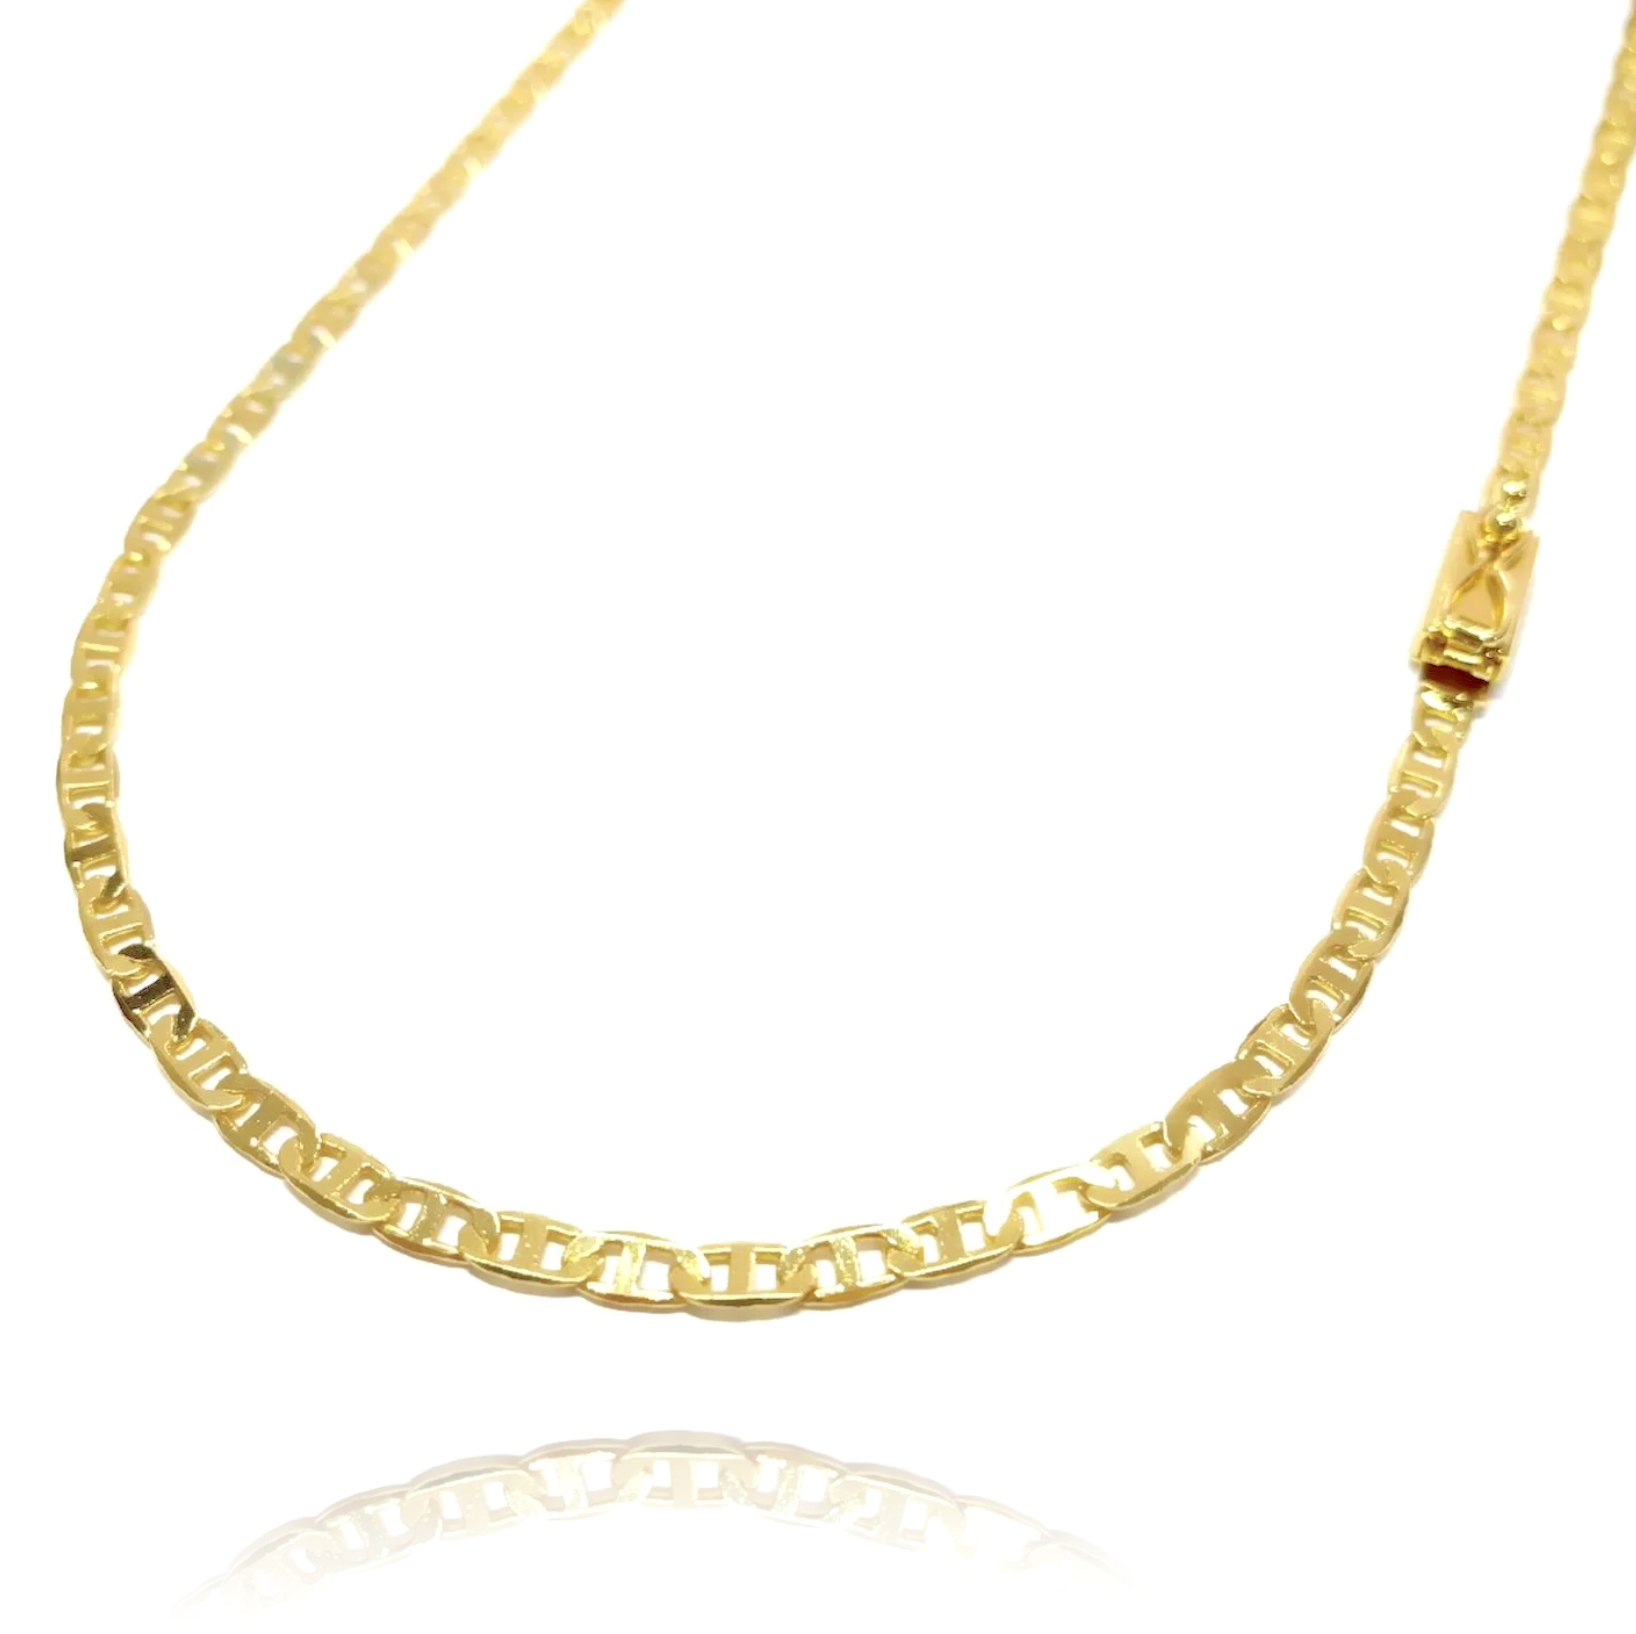 Corrente Piastrine 3,3mm 60cm (9g) (Fecho Gaveta) (Banho Ouro 24k)